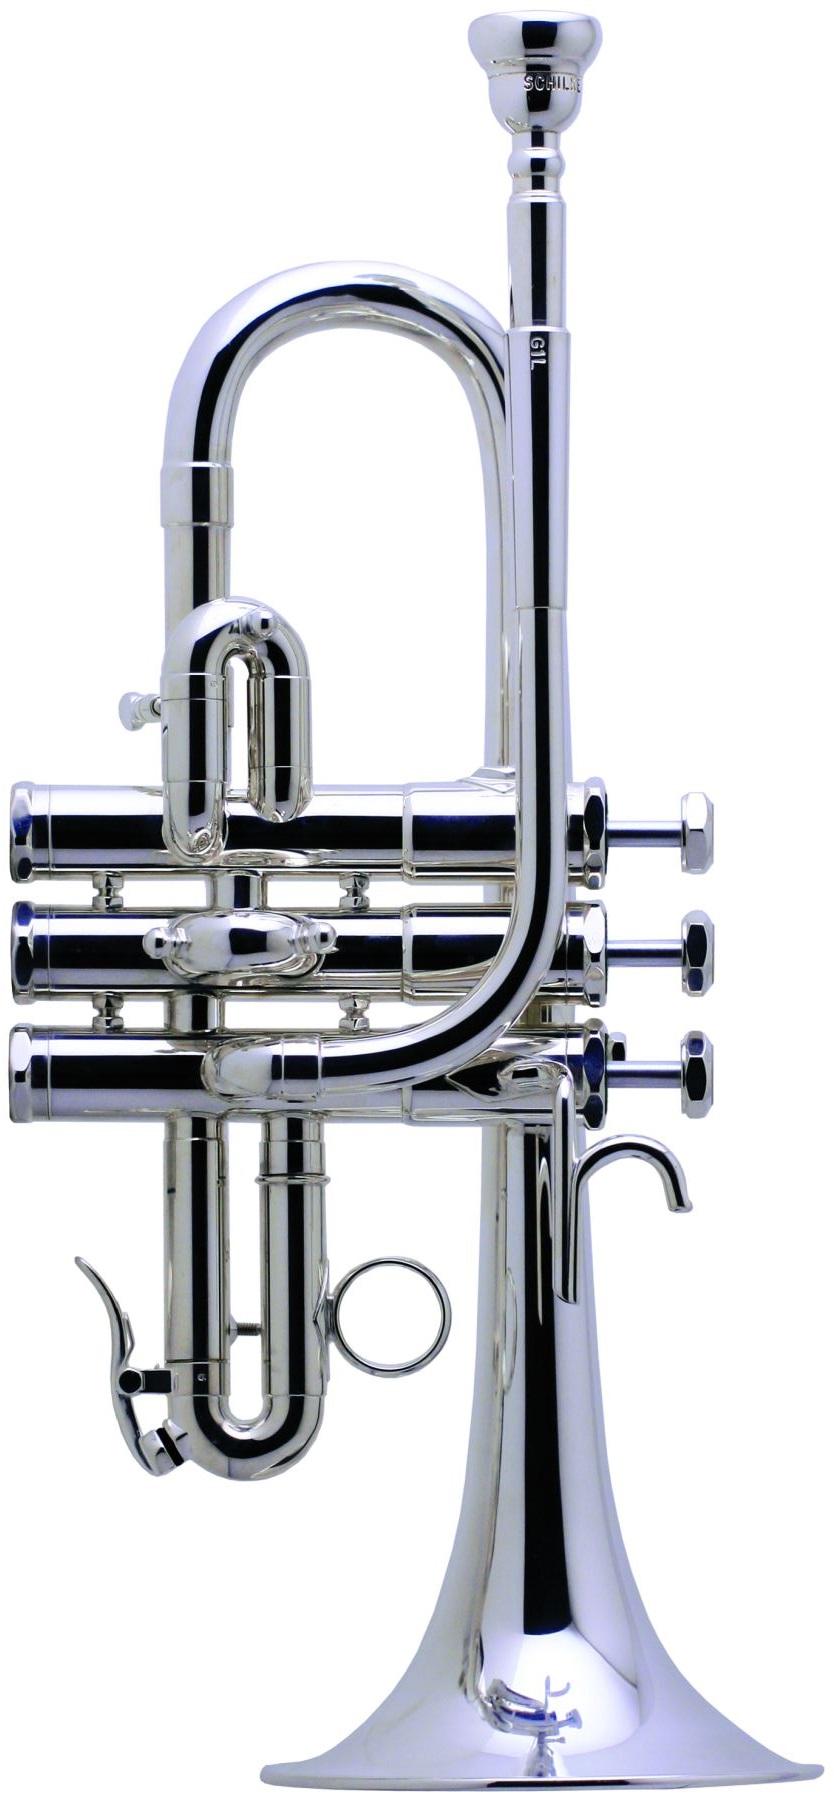 Schilke - G1L - Blechblasinstrumente - Trompeten mit Perinet-Ventilen   MUSIK BERTRAM Deutschland Freiburg